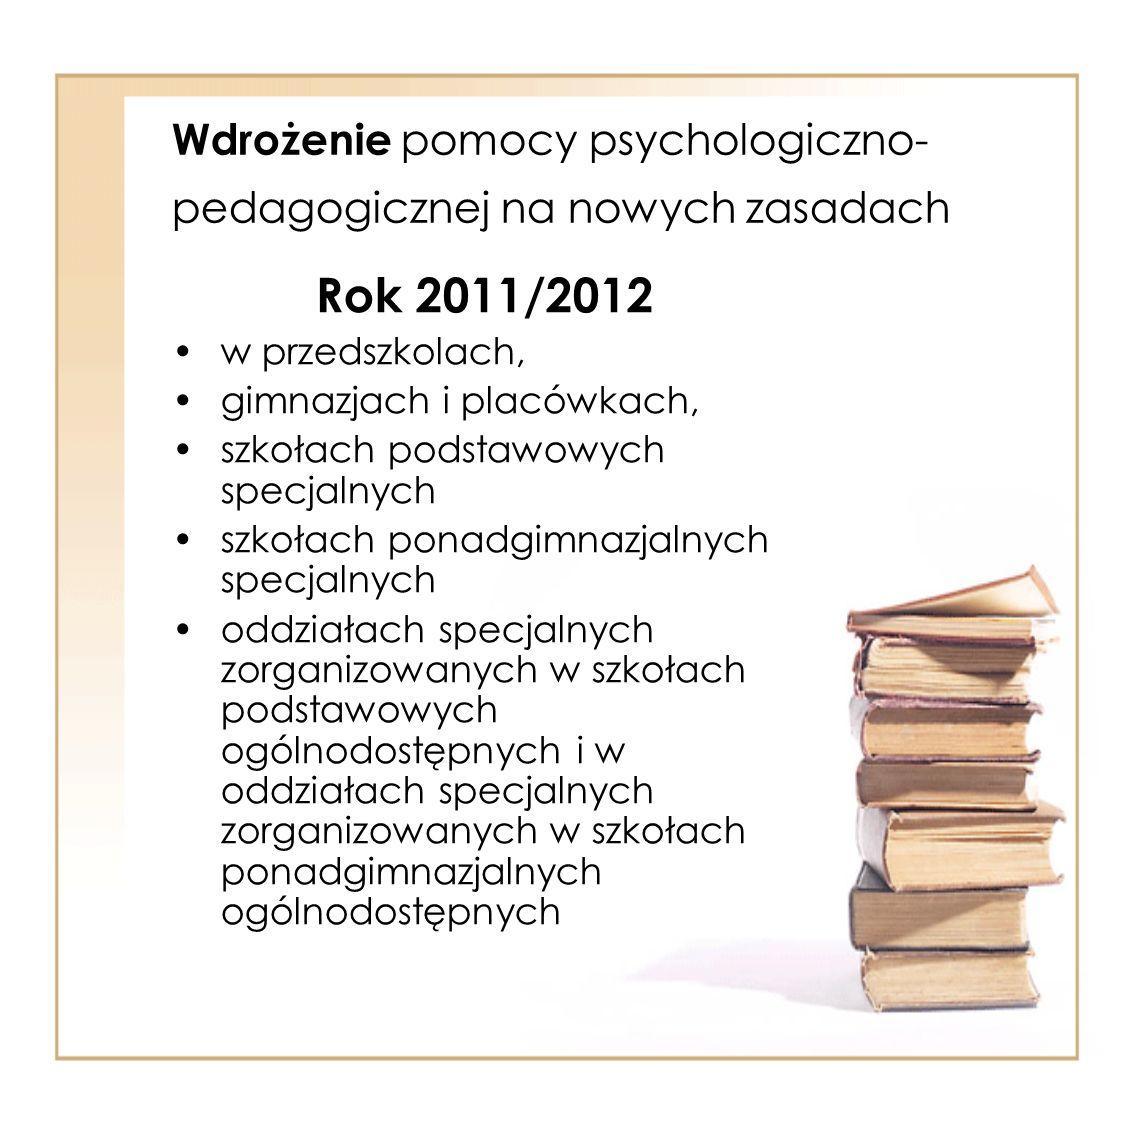 Wdrożenie pomocy psychologiczno-pedagogicznej na nowych zasadach